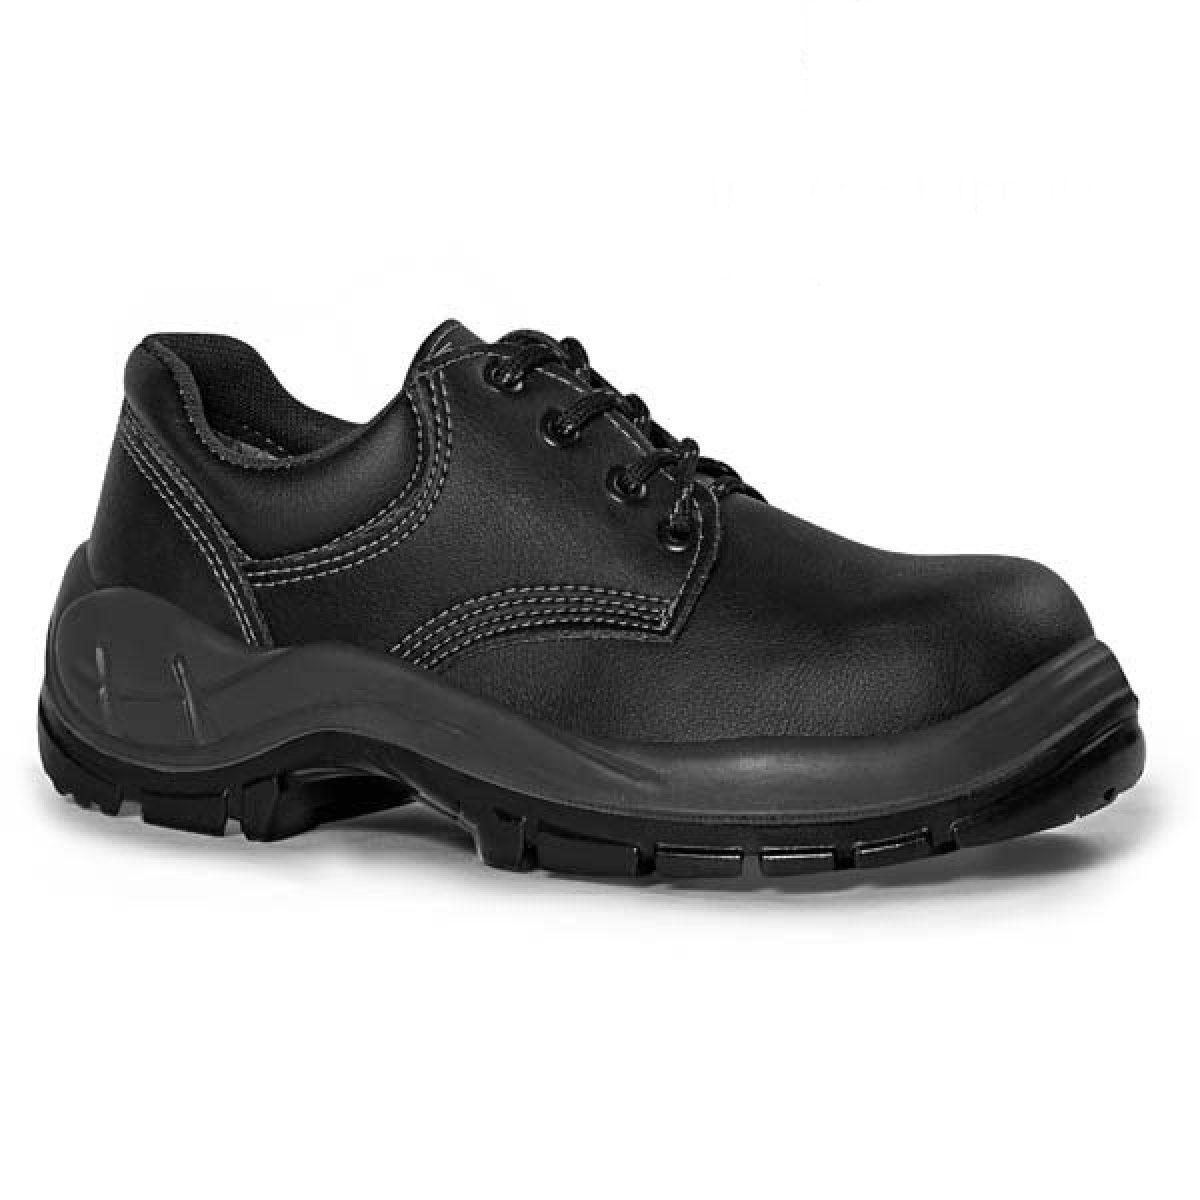 Sapato c/ Cadarço Bidensidade s/ Bico de Aço Preto N°34 - BRACOL